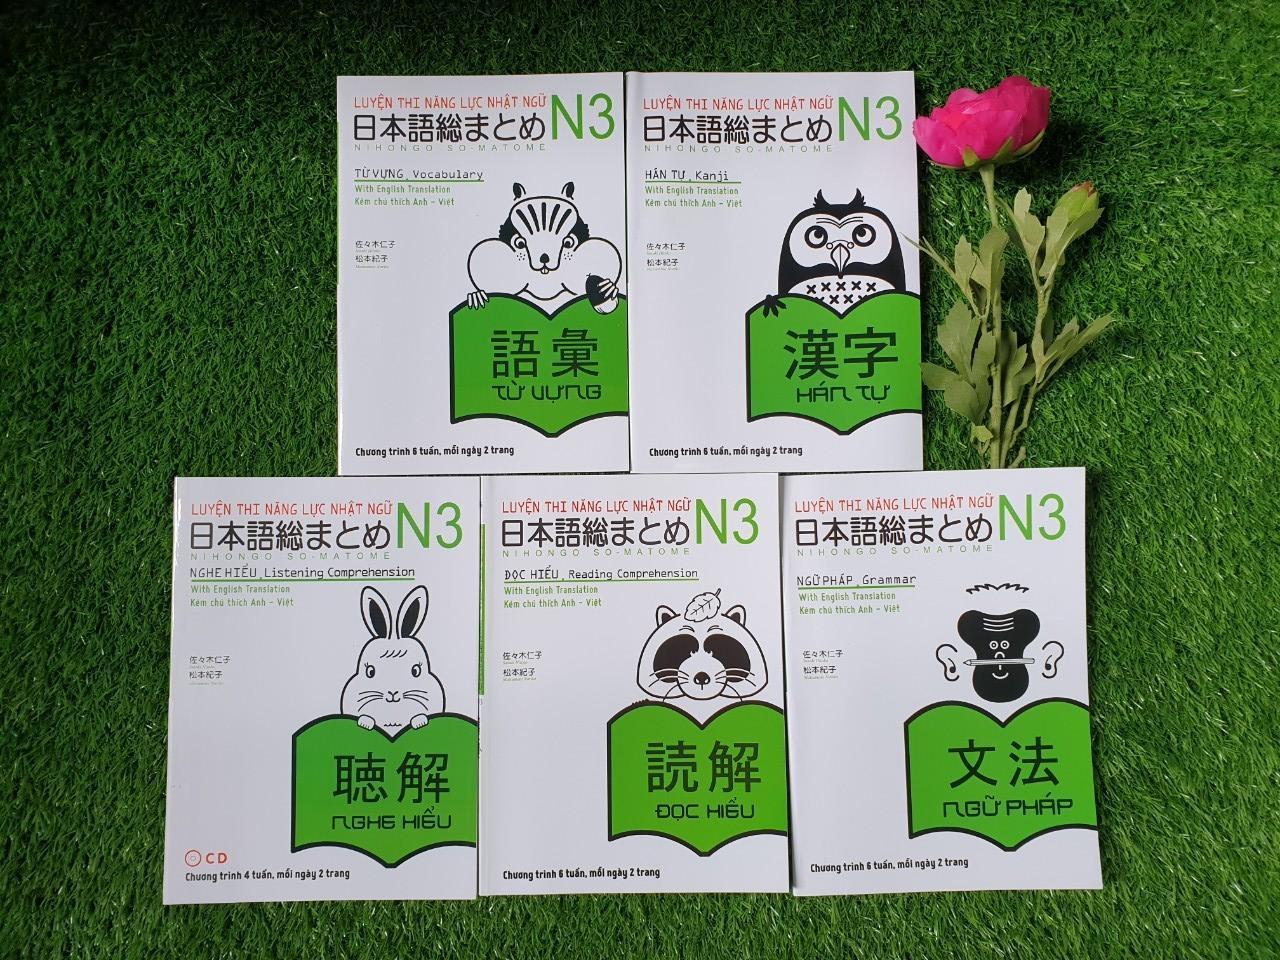 Sách Tiếng Nhật Trọn Bộ Soumatome N3 (5 Cuốn - Dịch Tiếng Việt, Kèm CD) Giảm Giá Khủng